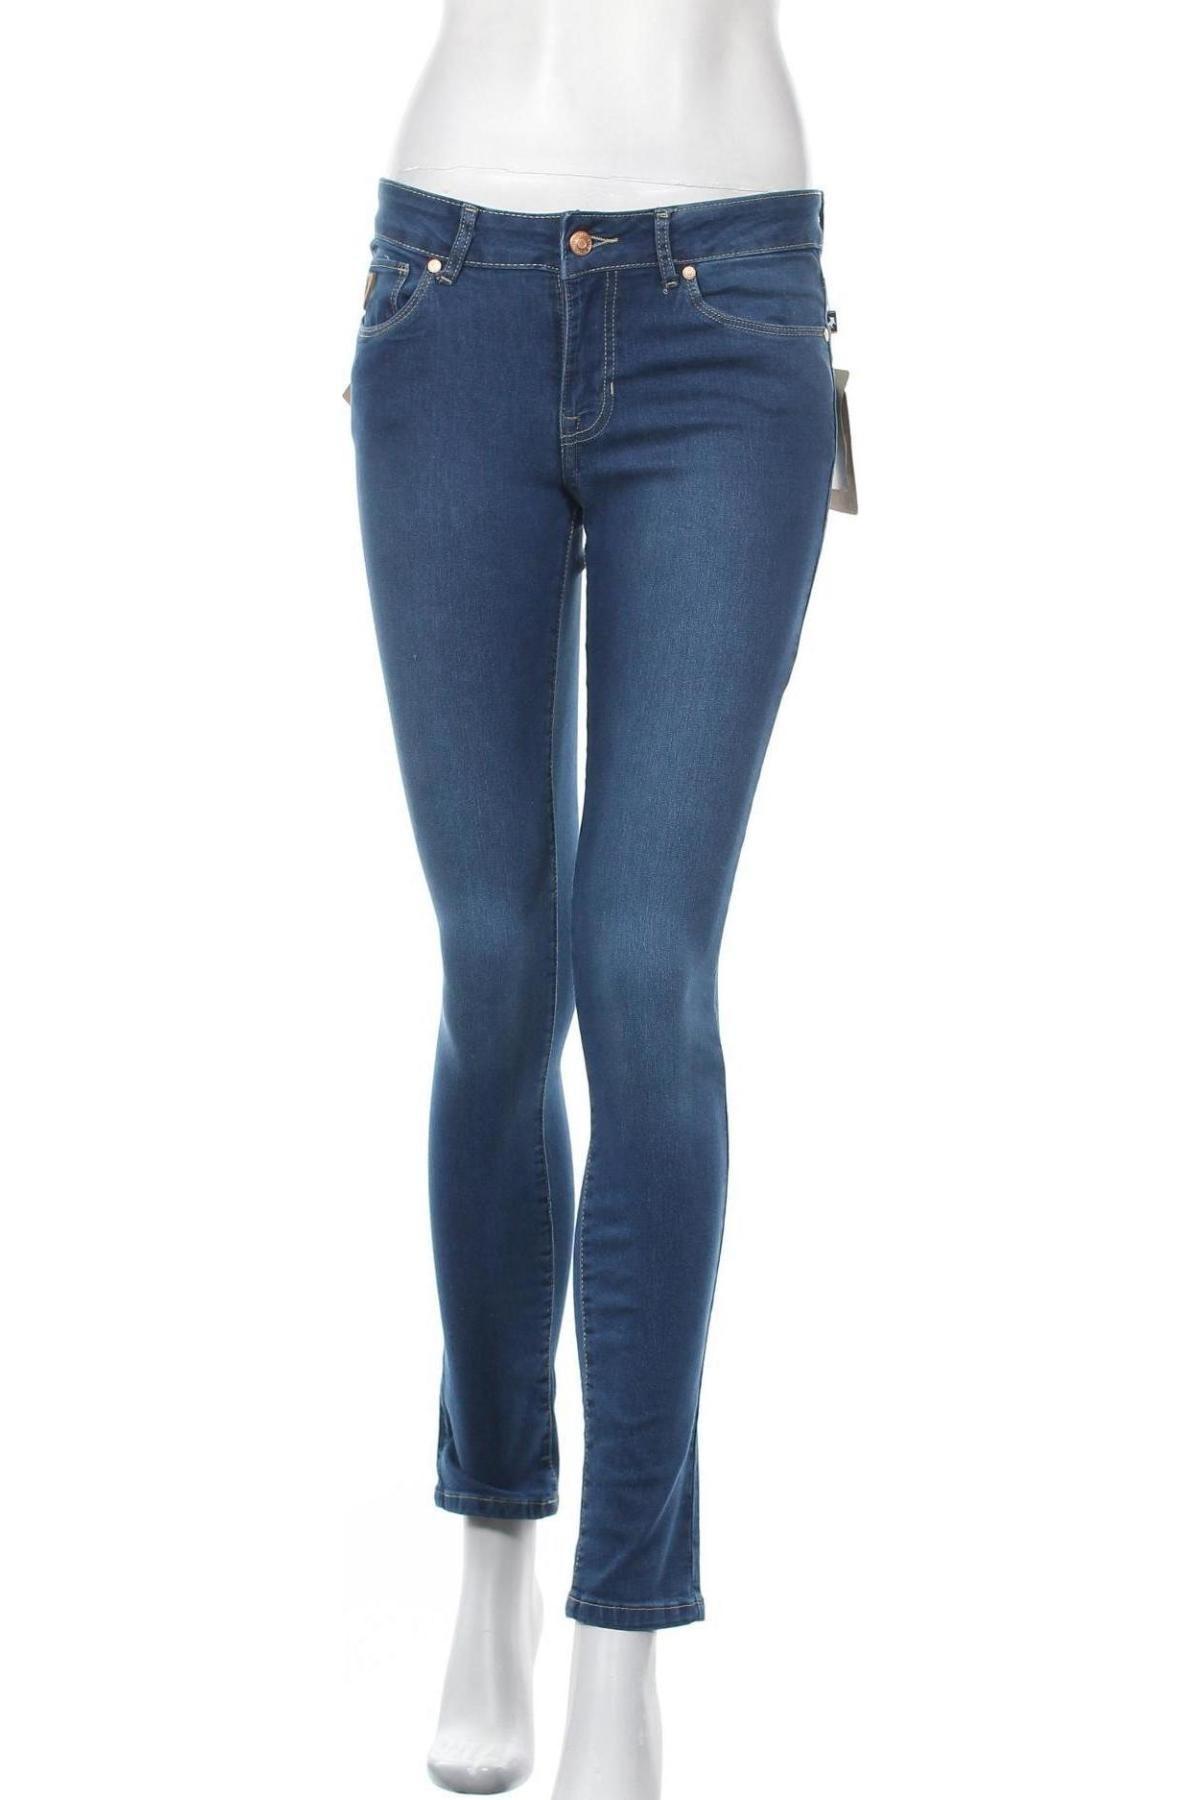 Дамски дънки Lois, Размер M, Цвят Син, 74% памук, 24% полиестер, 2% еластан, Цена 81,75лв.